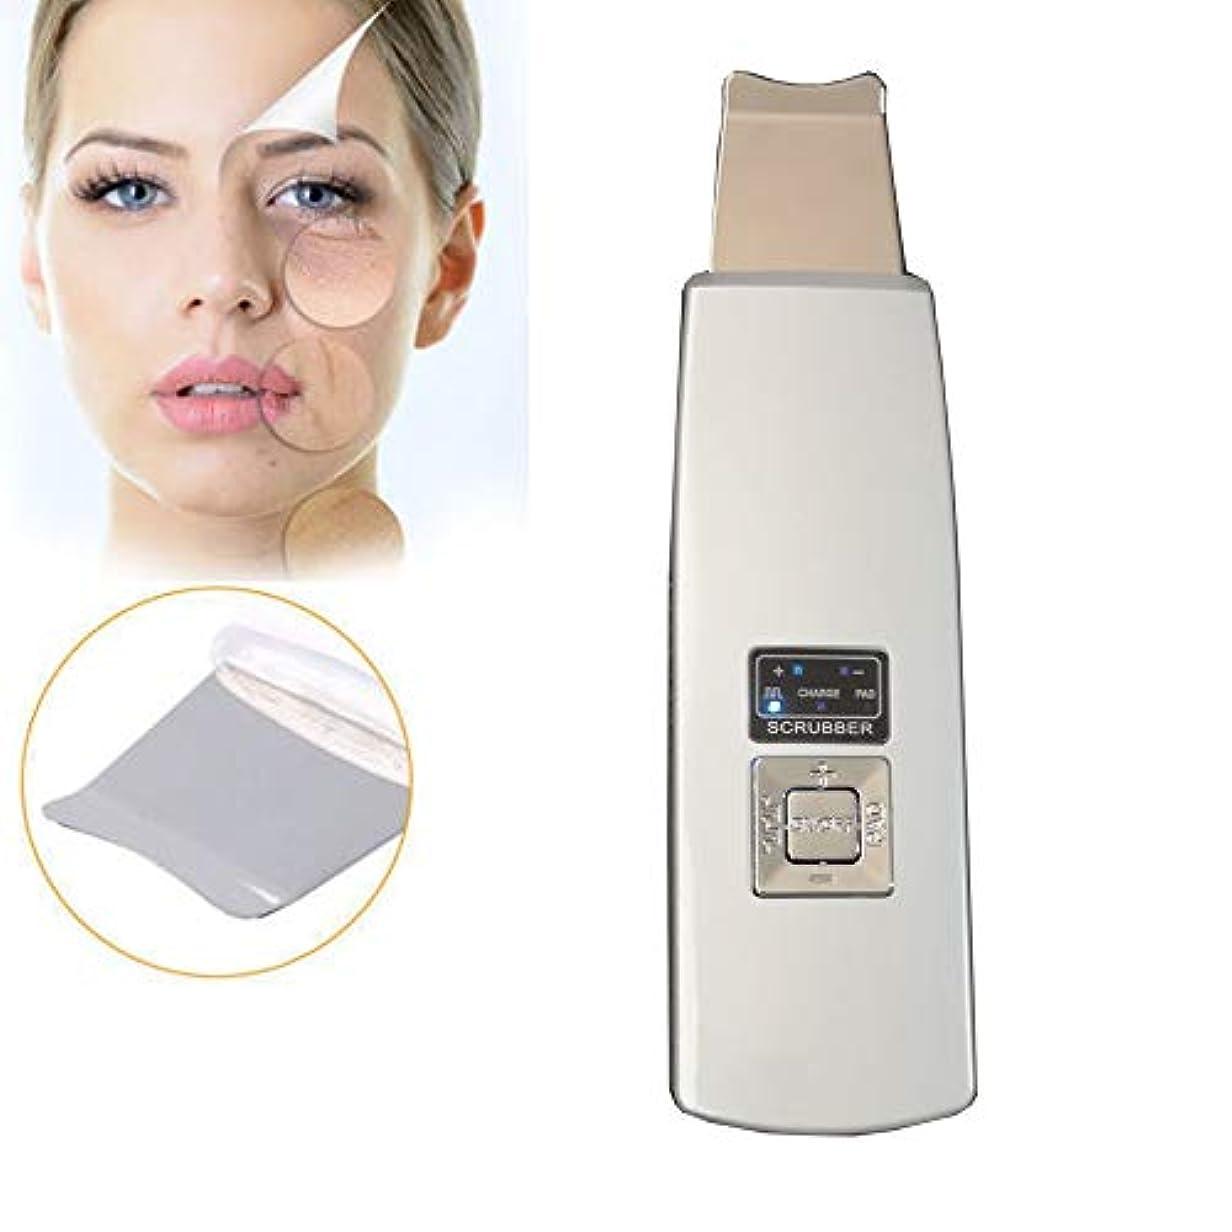 眠いです観客解放する顔の皮膚のスクラバー、ポータブル?フェイシャル超音波超音波イオンスキンケアスクラバーデバイス美容機は、ブラックヘッド面皰死んだ皮膚の除去を削除する方法